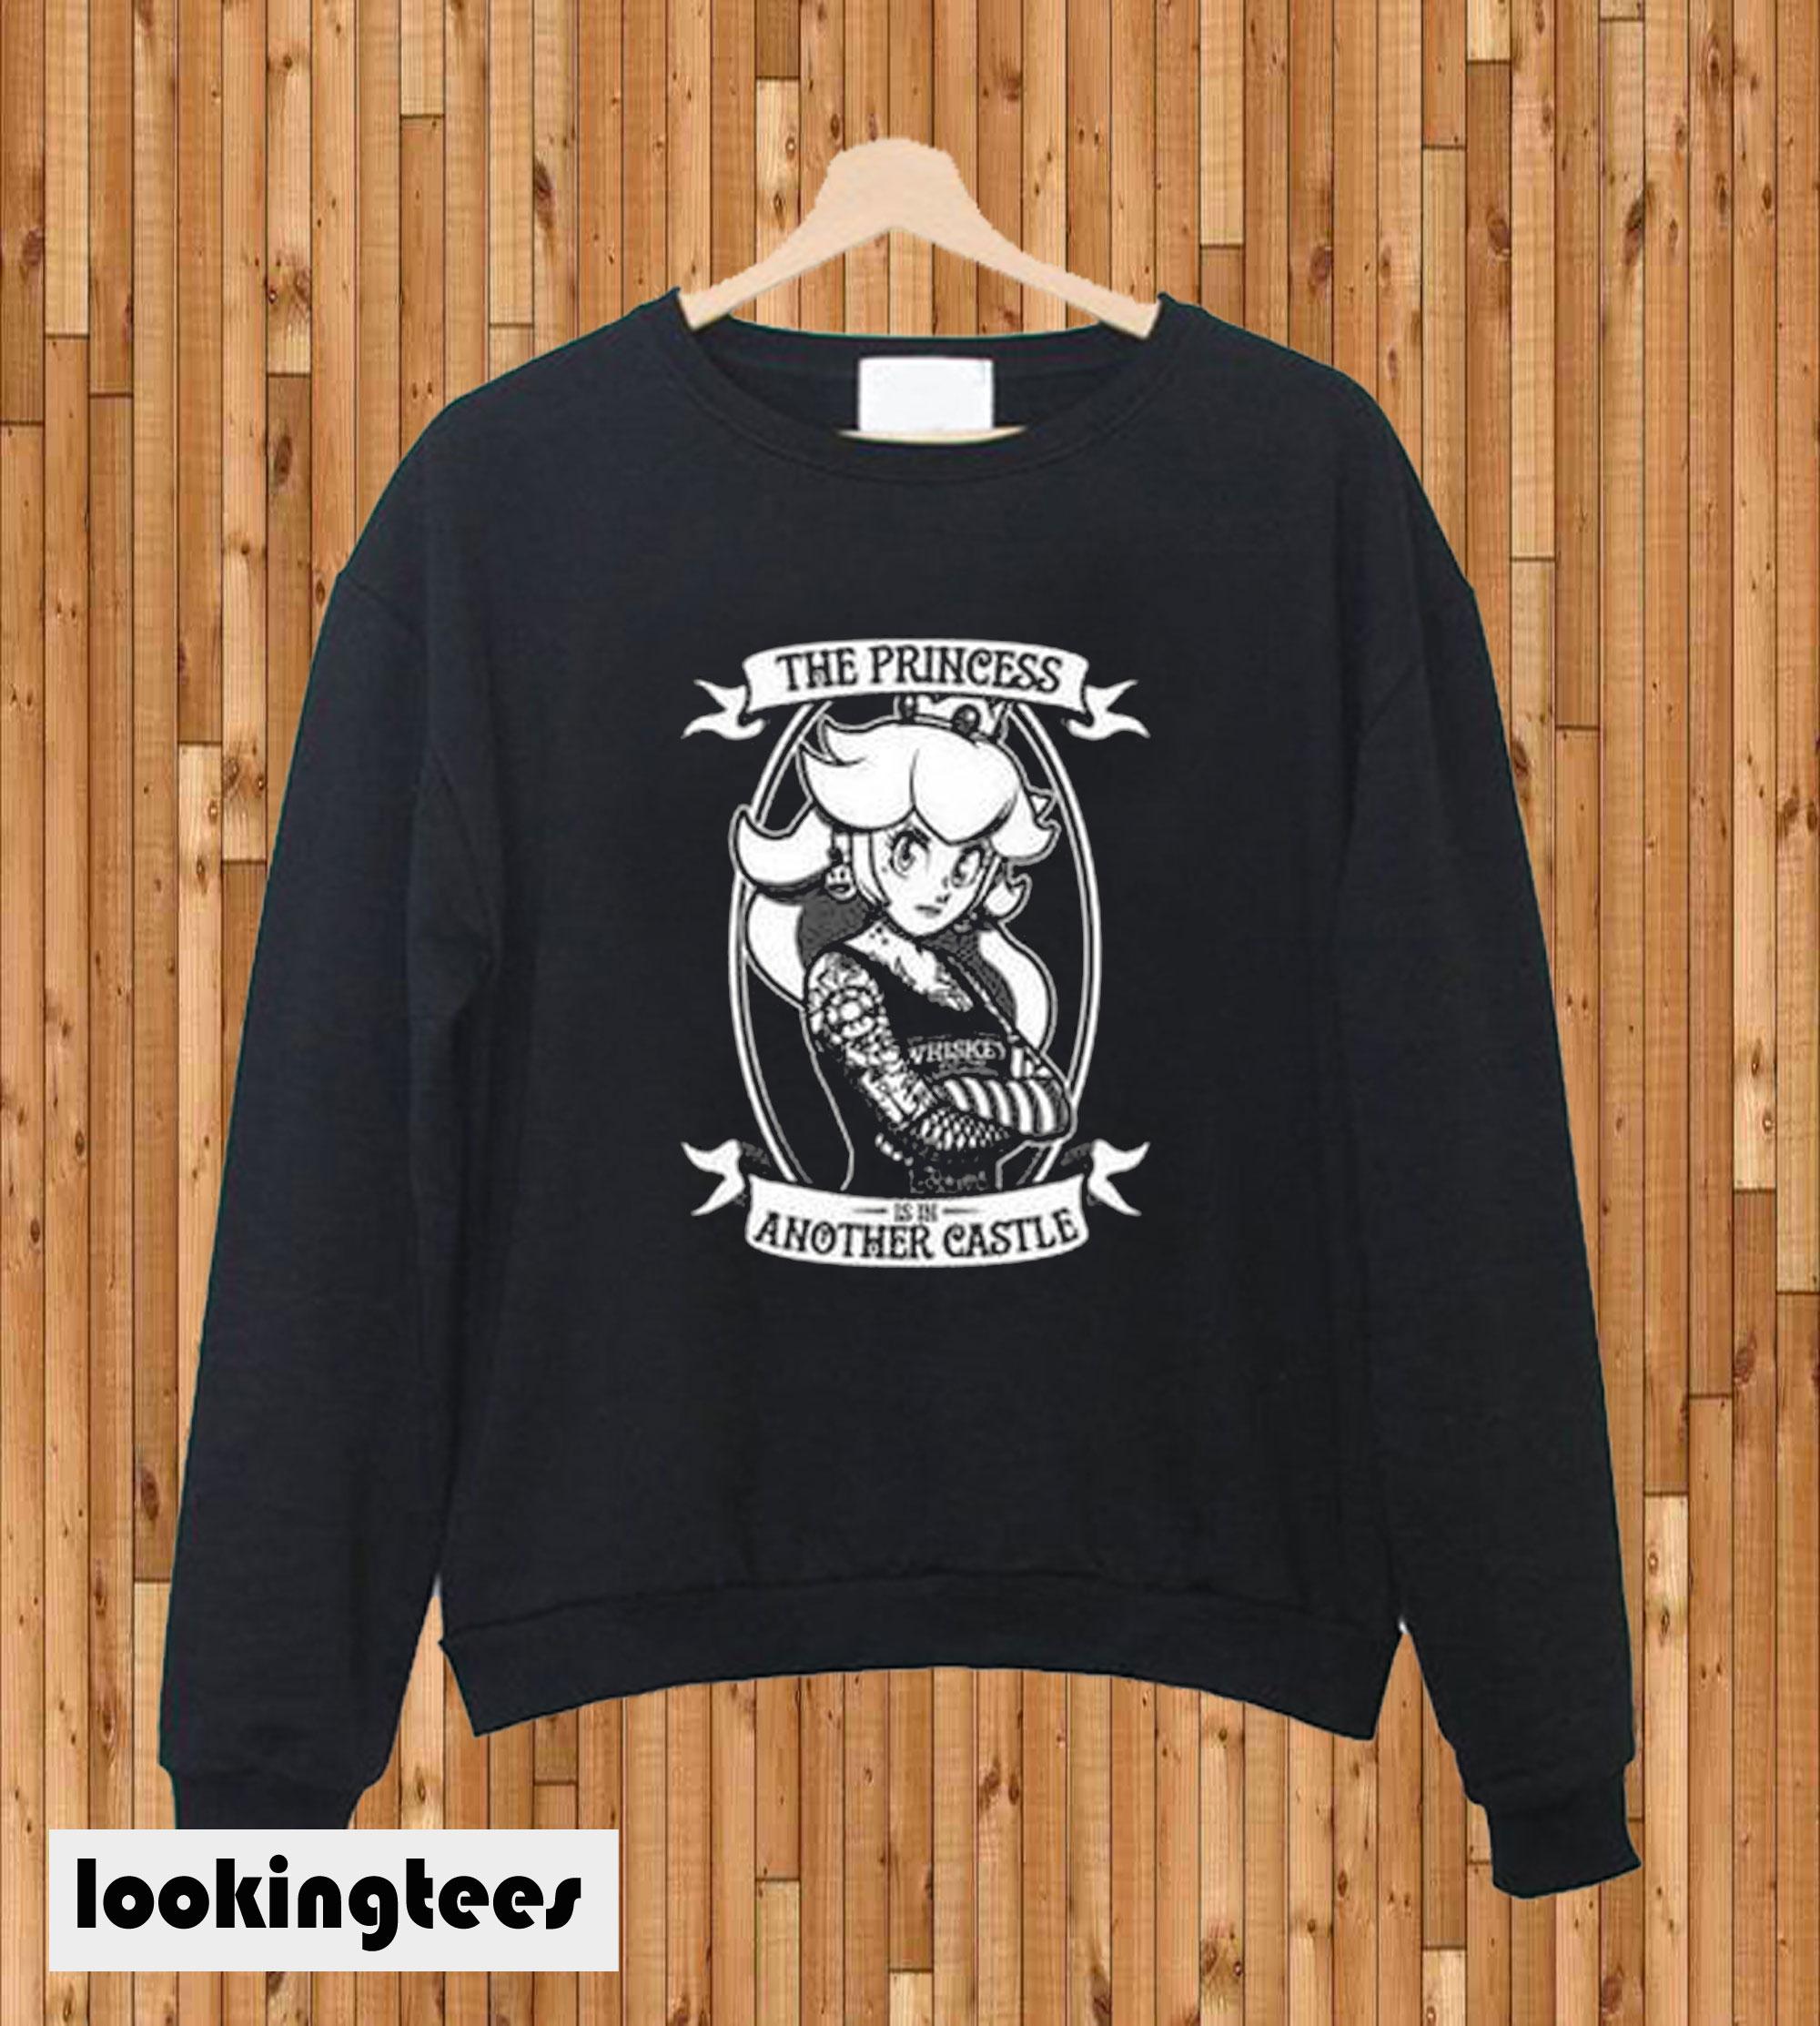 Another Castle Sweatshirt